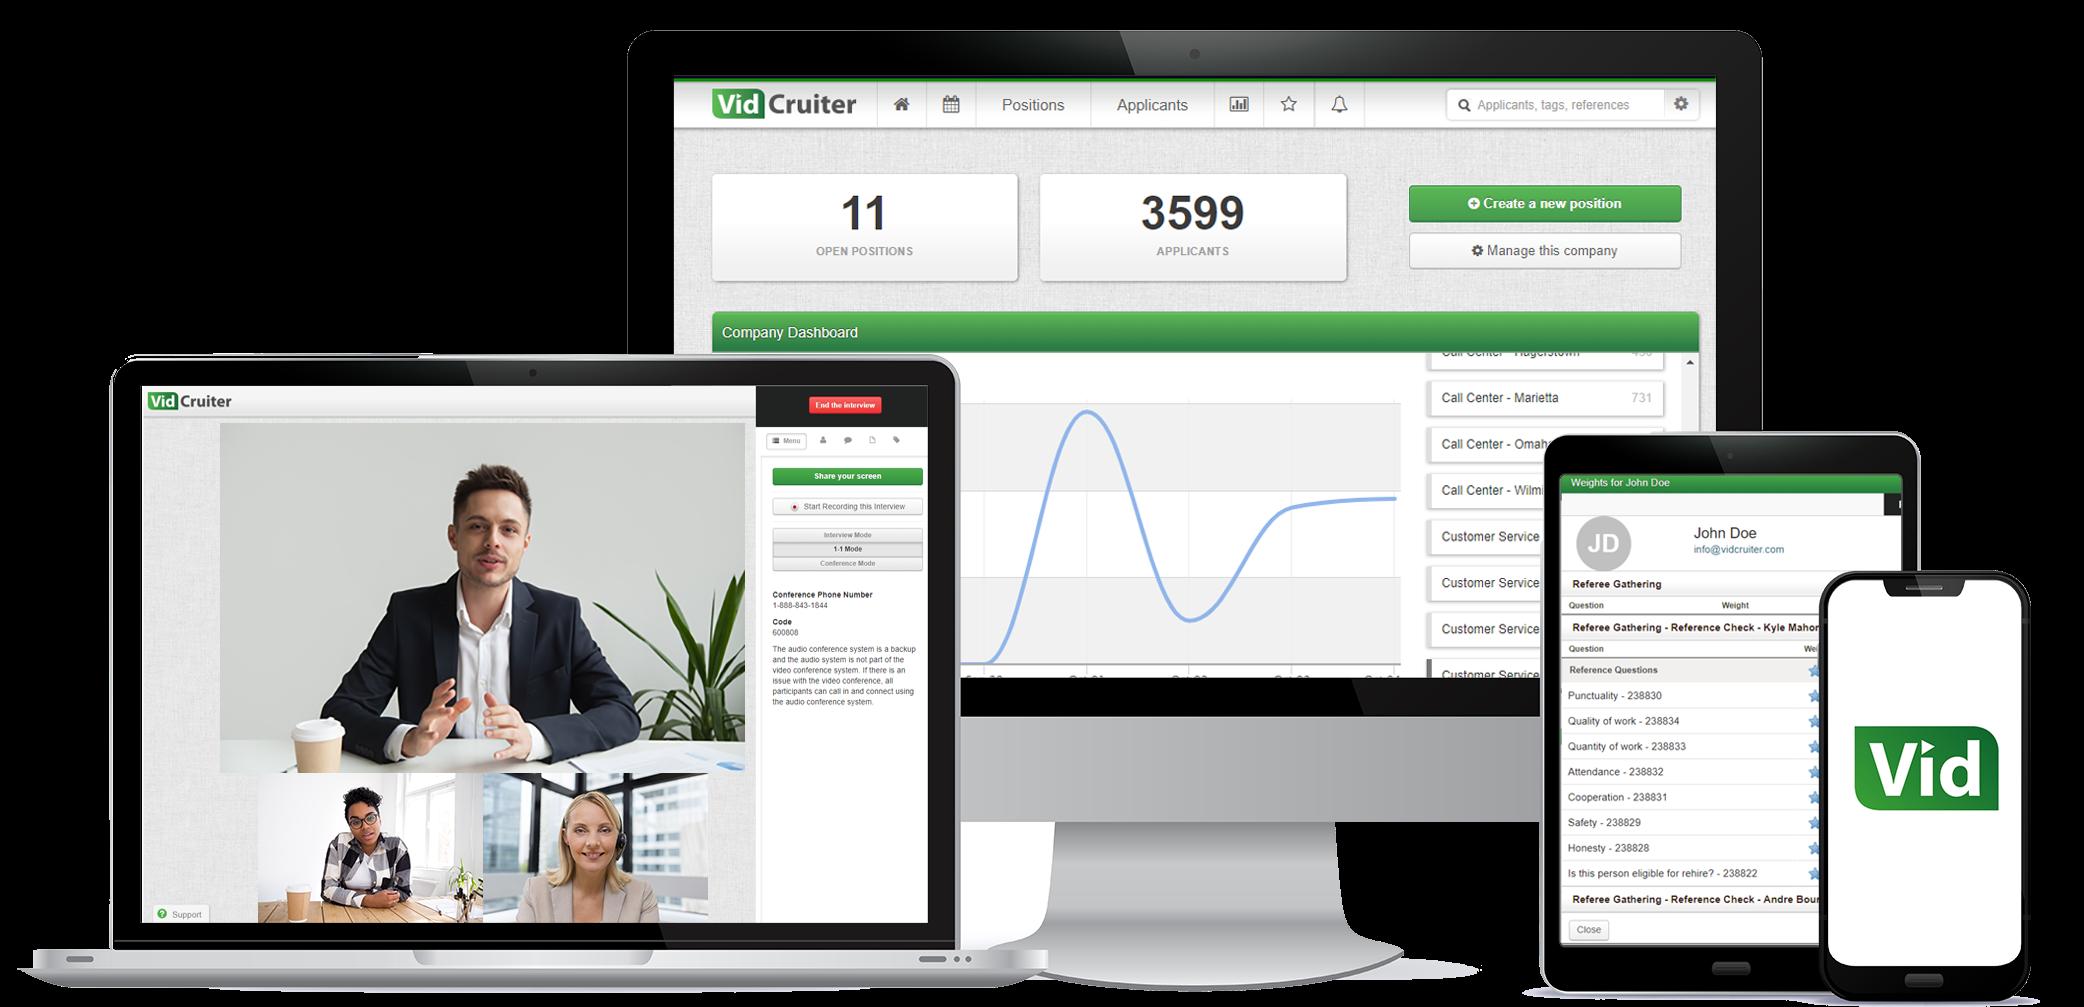 VidCruiter's Video Interviewing Platform